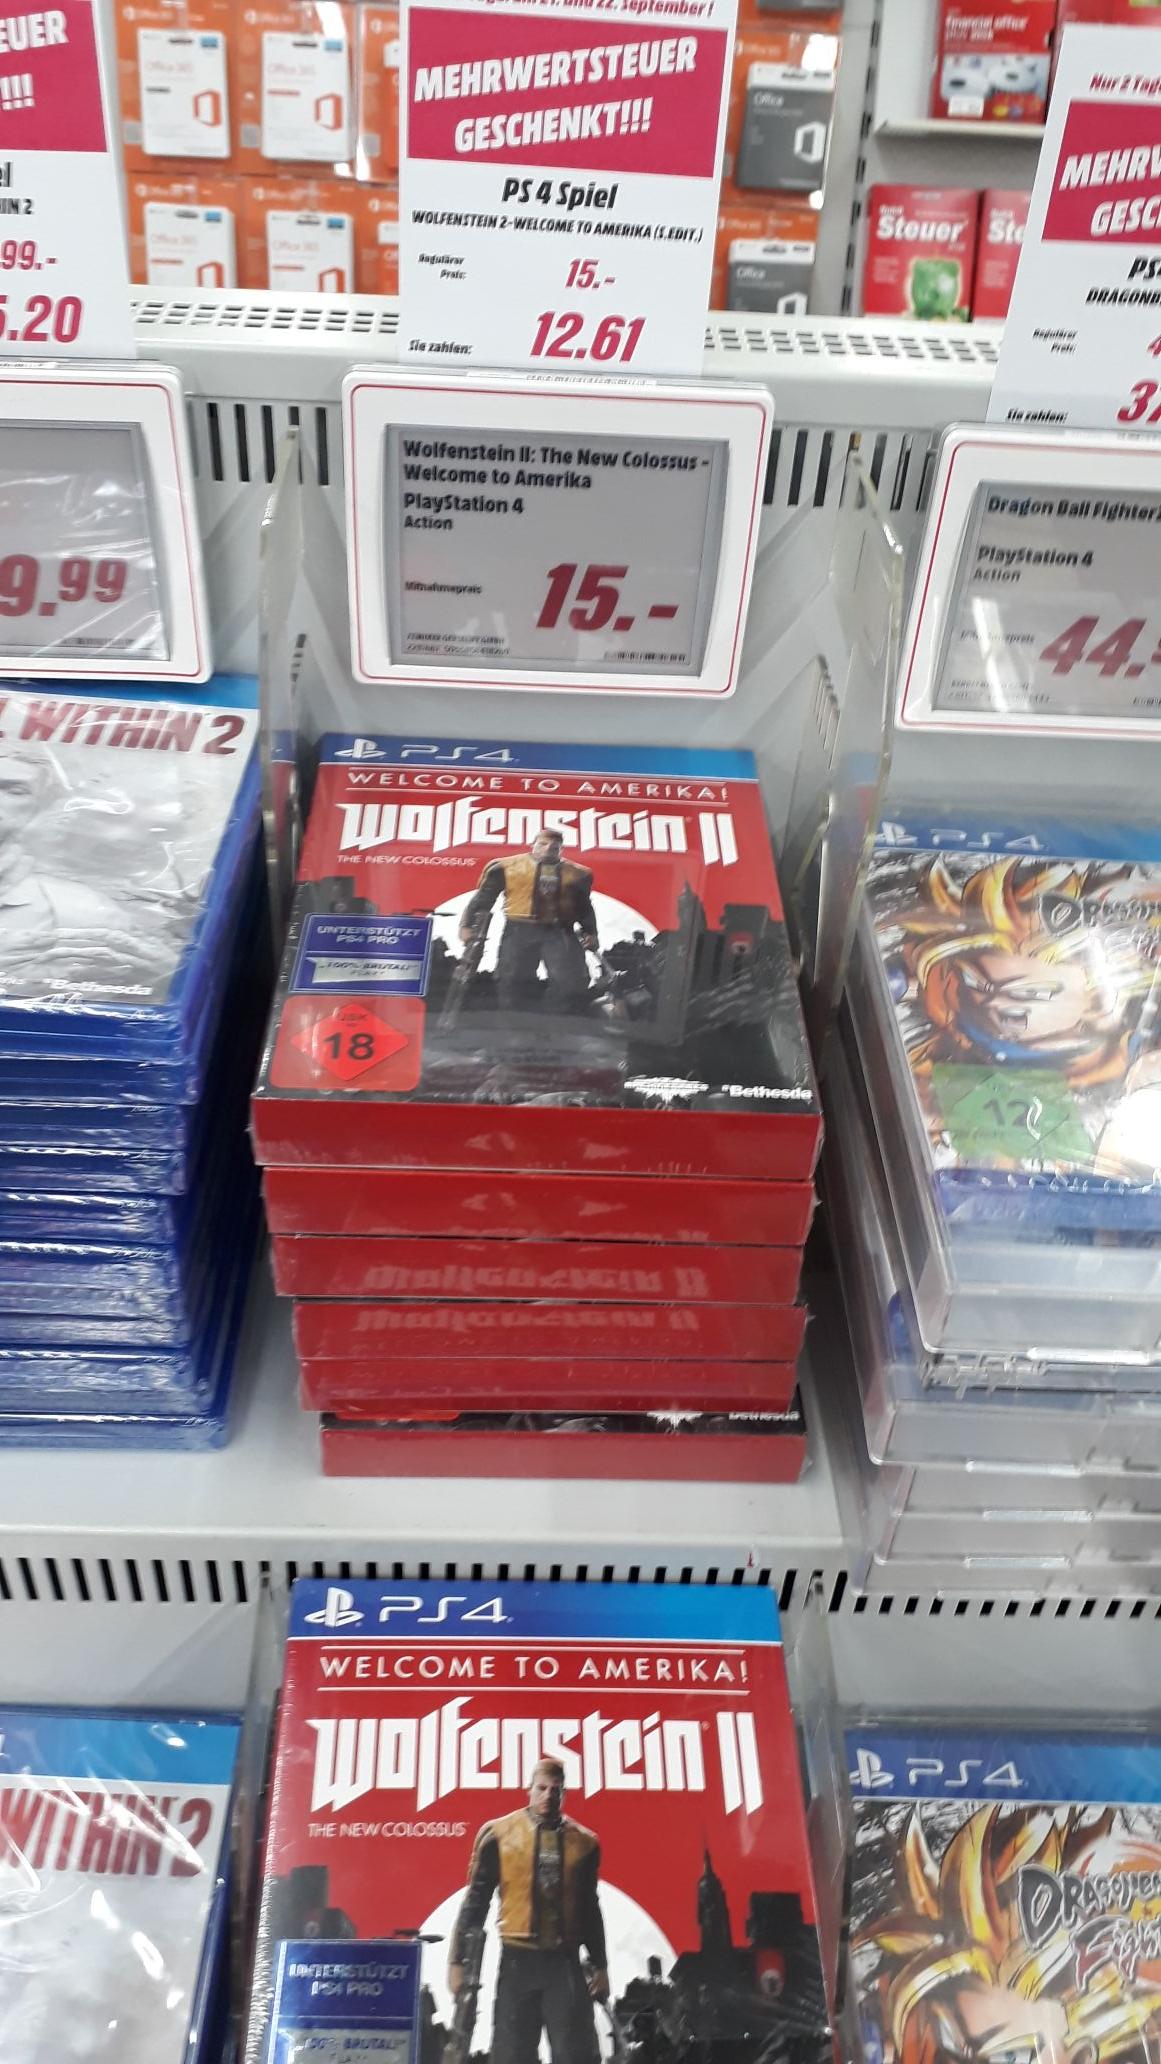 [Lokal] Mediamarkt Goslar - Wolfenstein 2 - Welcome to America Edition PS4